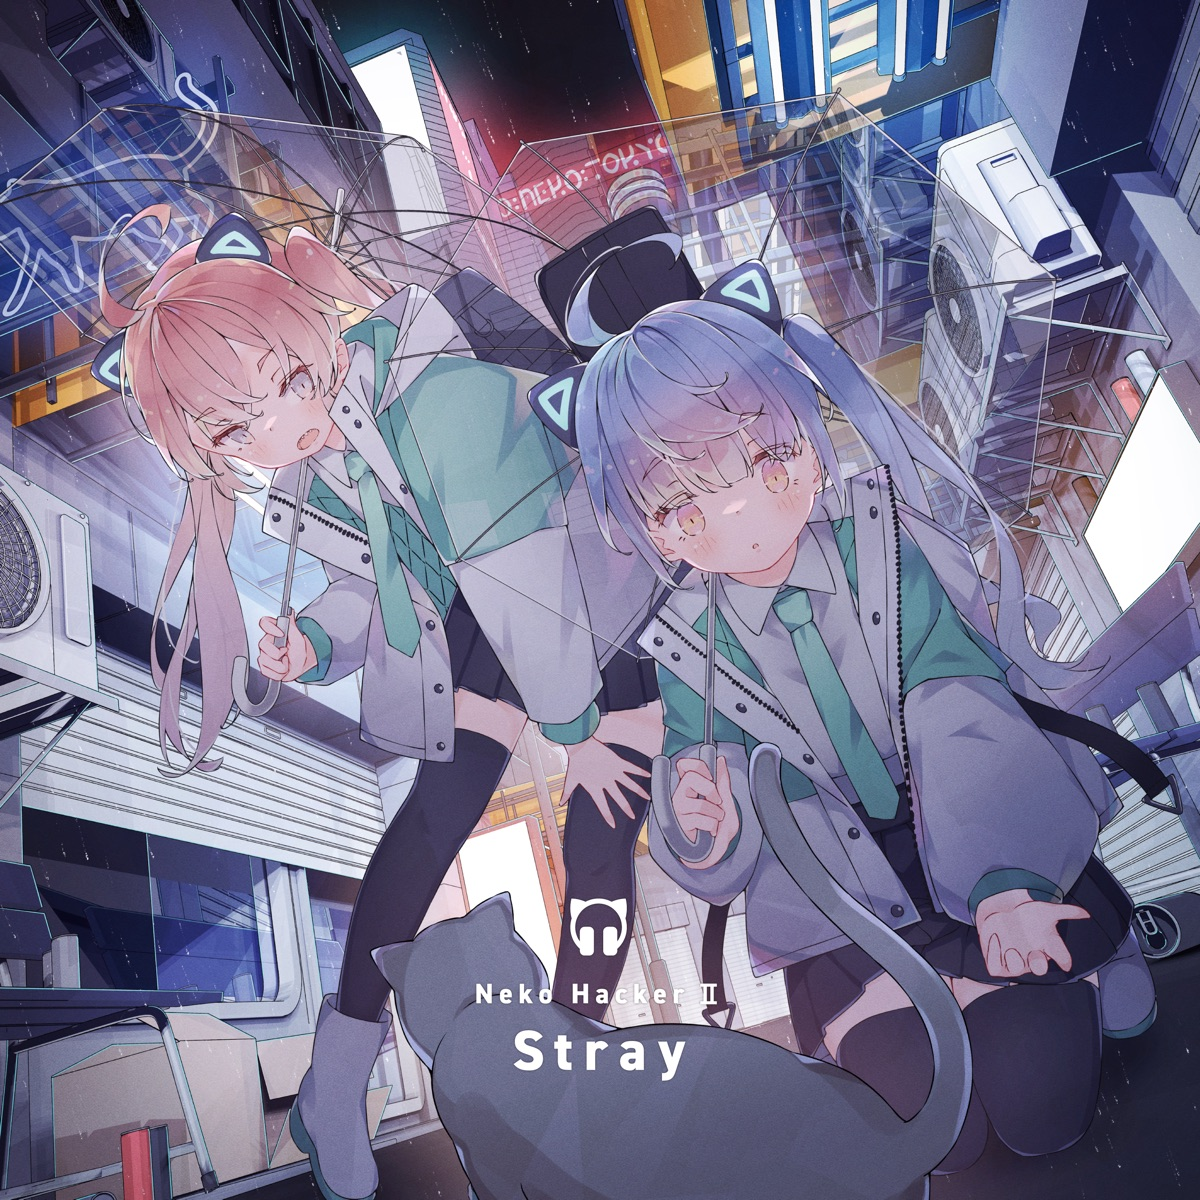 『Neko Hacker - シラズシラズ feat. KMNZ LIZ』収録の『Neko Hacker Ⅱ: Stray』ジャケット